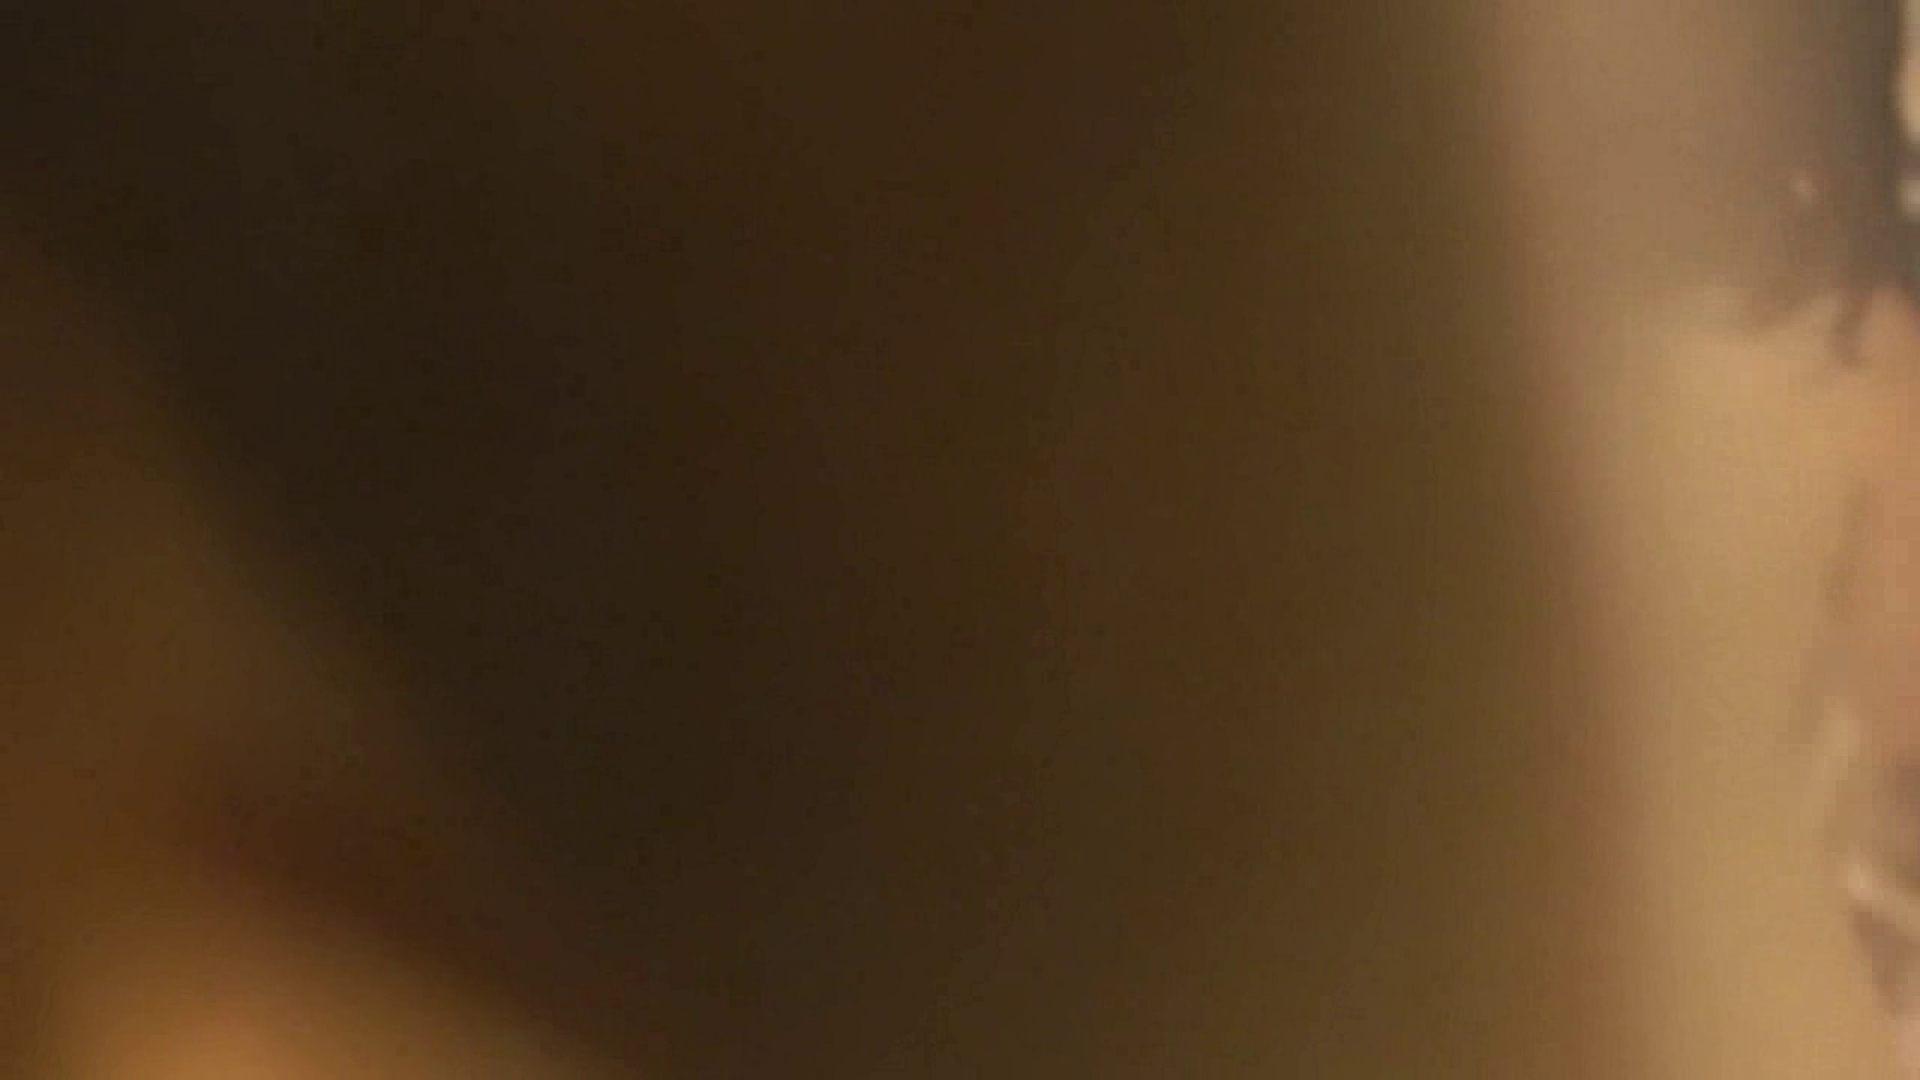 vol.1 Mayumi 窓越しに入浴シーン撮影に成功 入浴 おまんこ動画流出 60連発 38